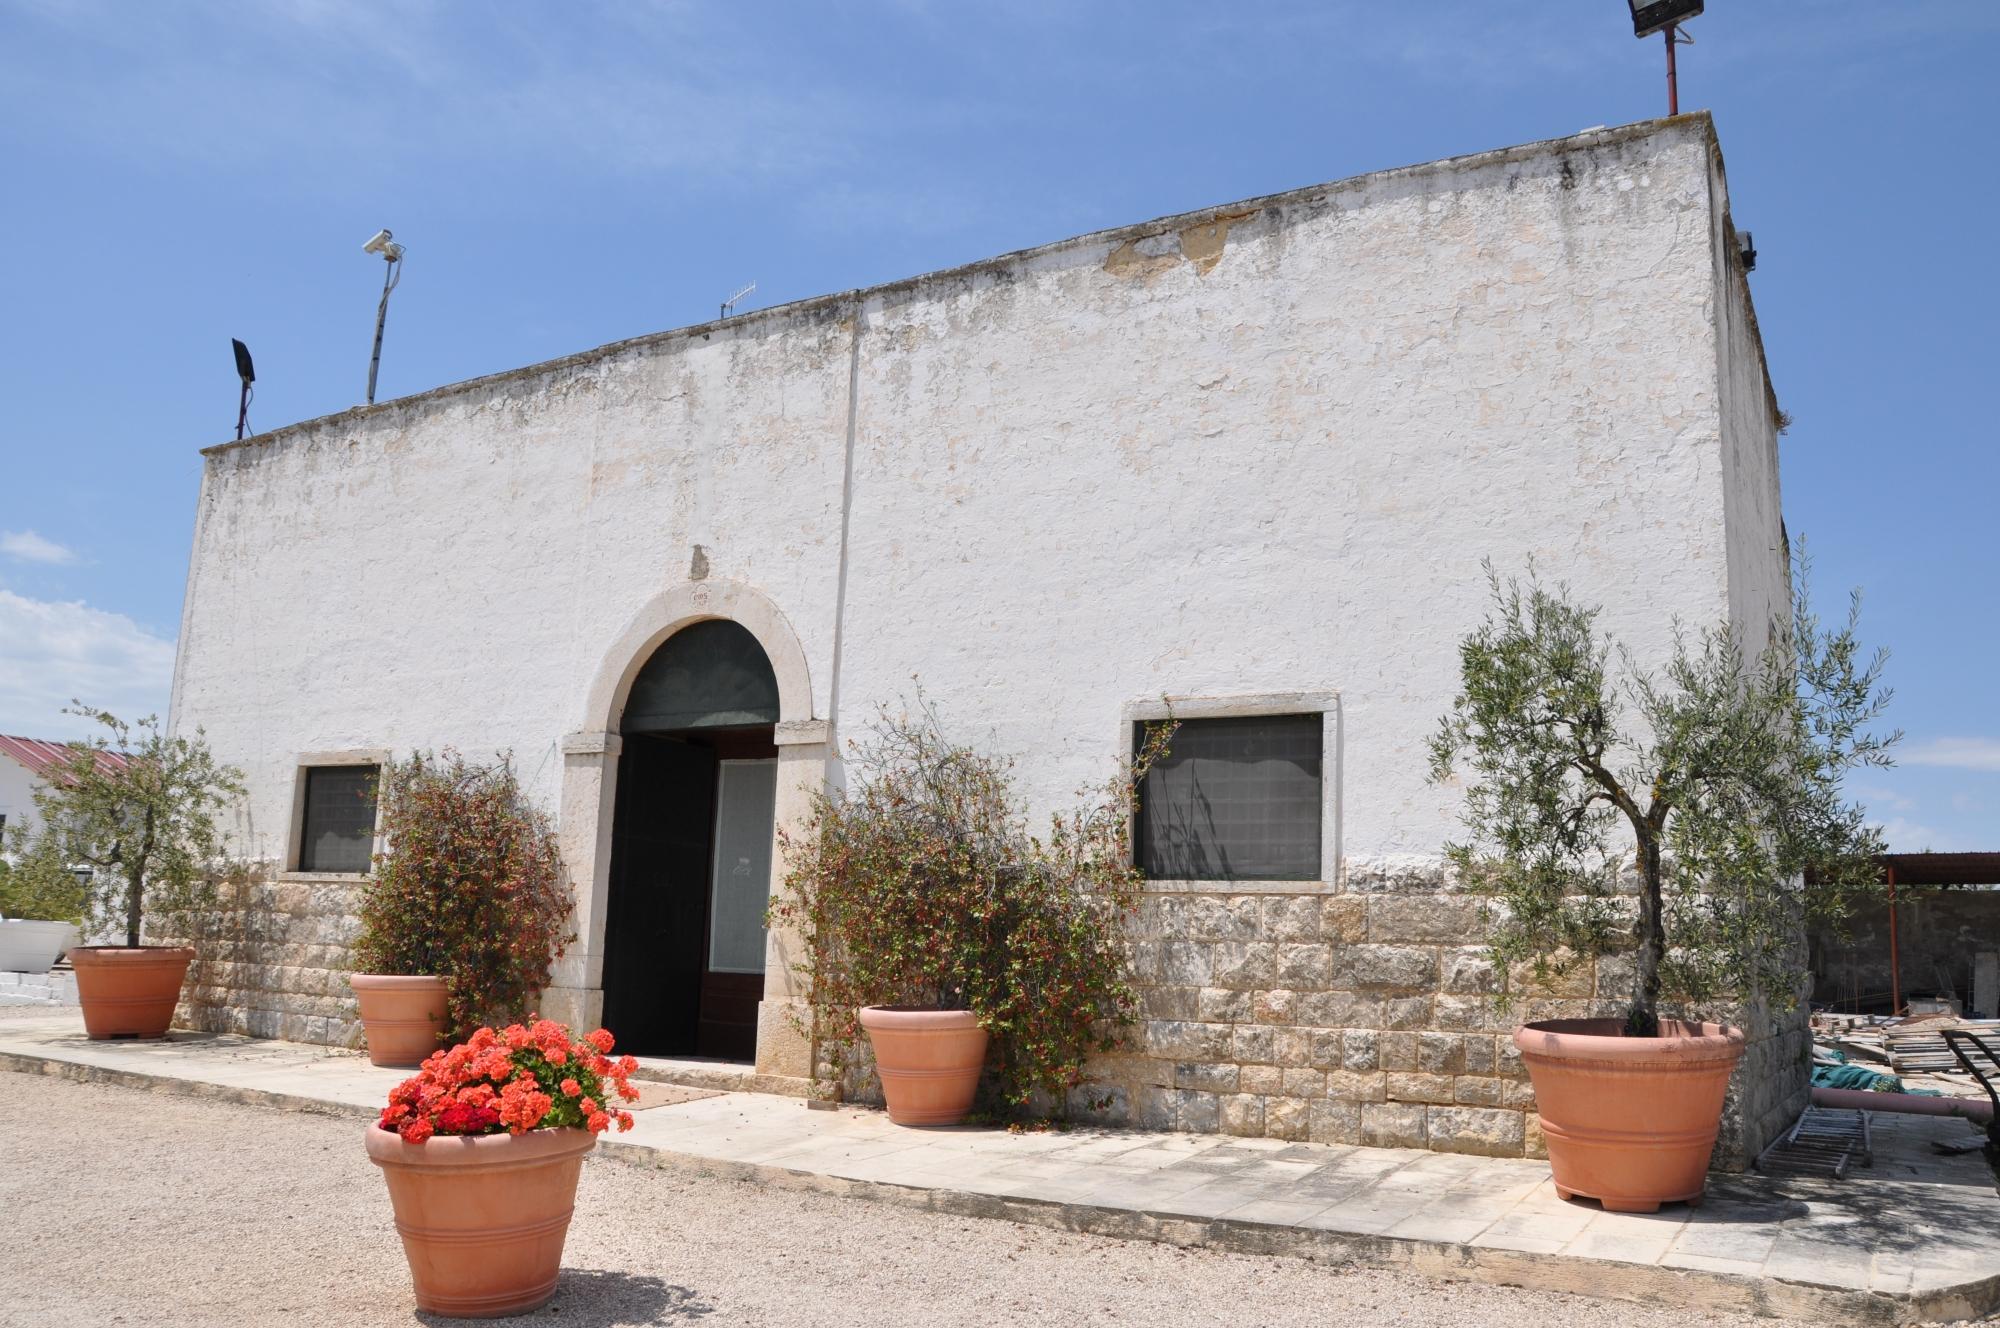 Tenuta Contessa Relais Country House conte spagnoletti zeuli - avvenice